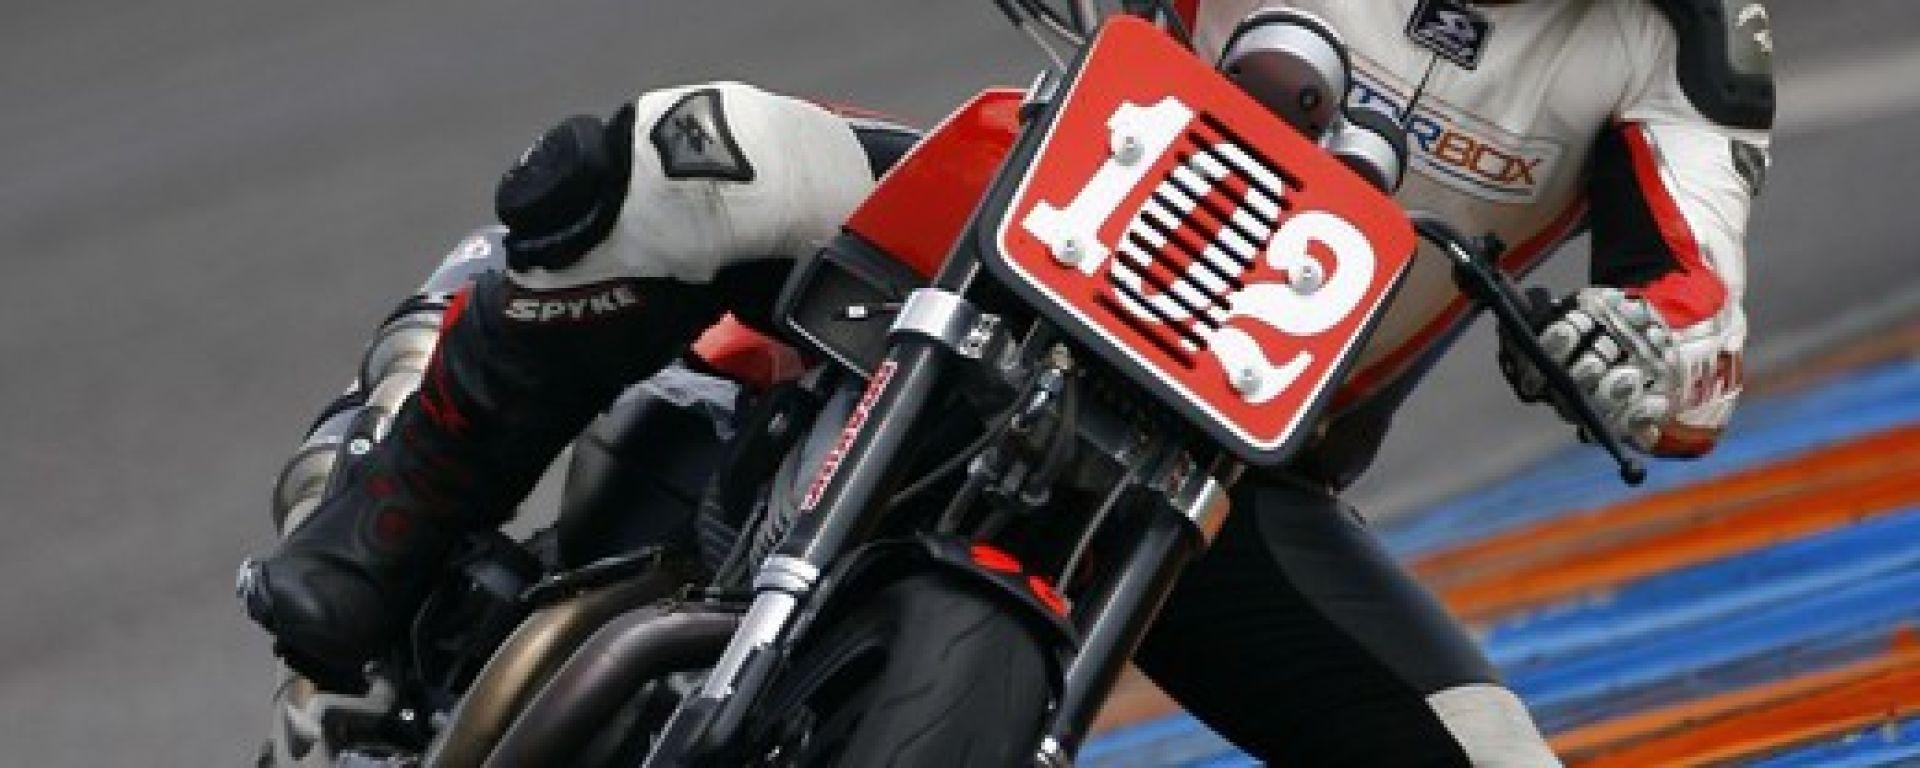 Harley Davidson XR 1200 Trophy 2009